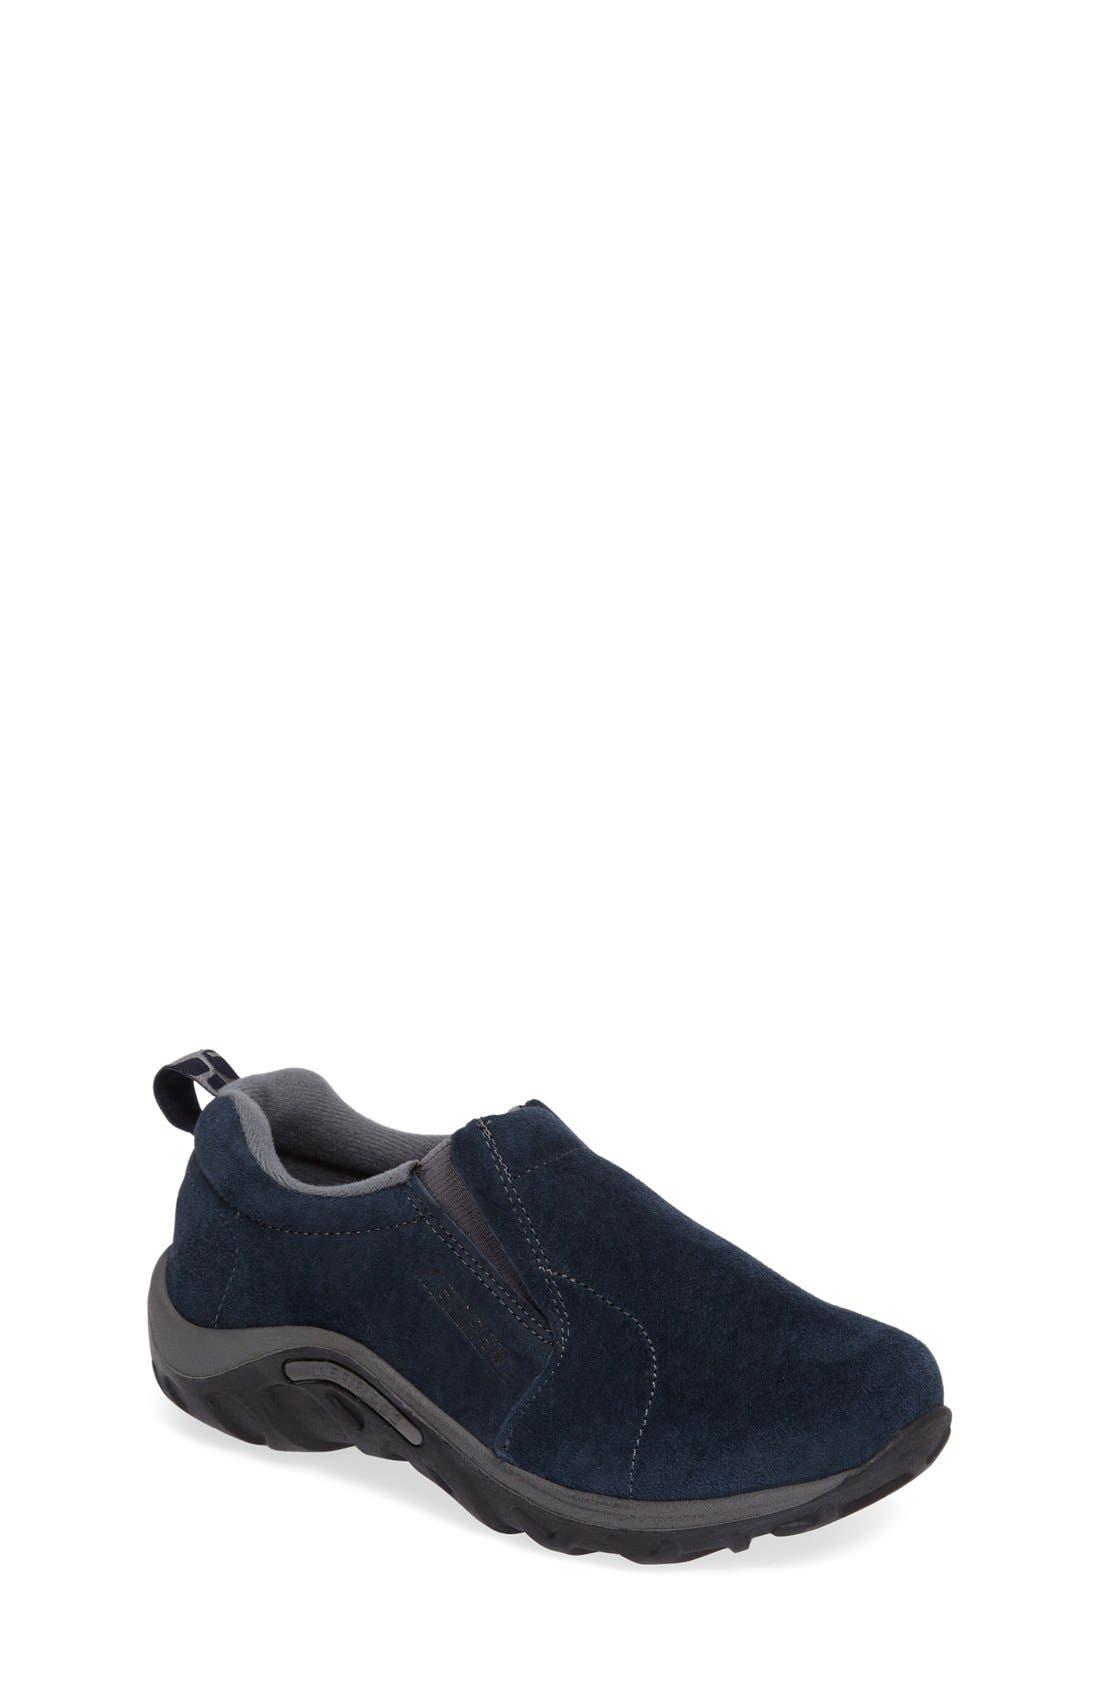 Alternate Image 1 Selected - Merrell Jungle Moc Slip-On Sneaker (Toddler, Little Kid & Big Kid)